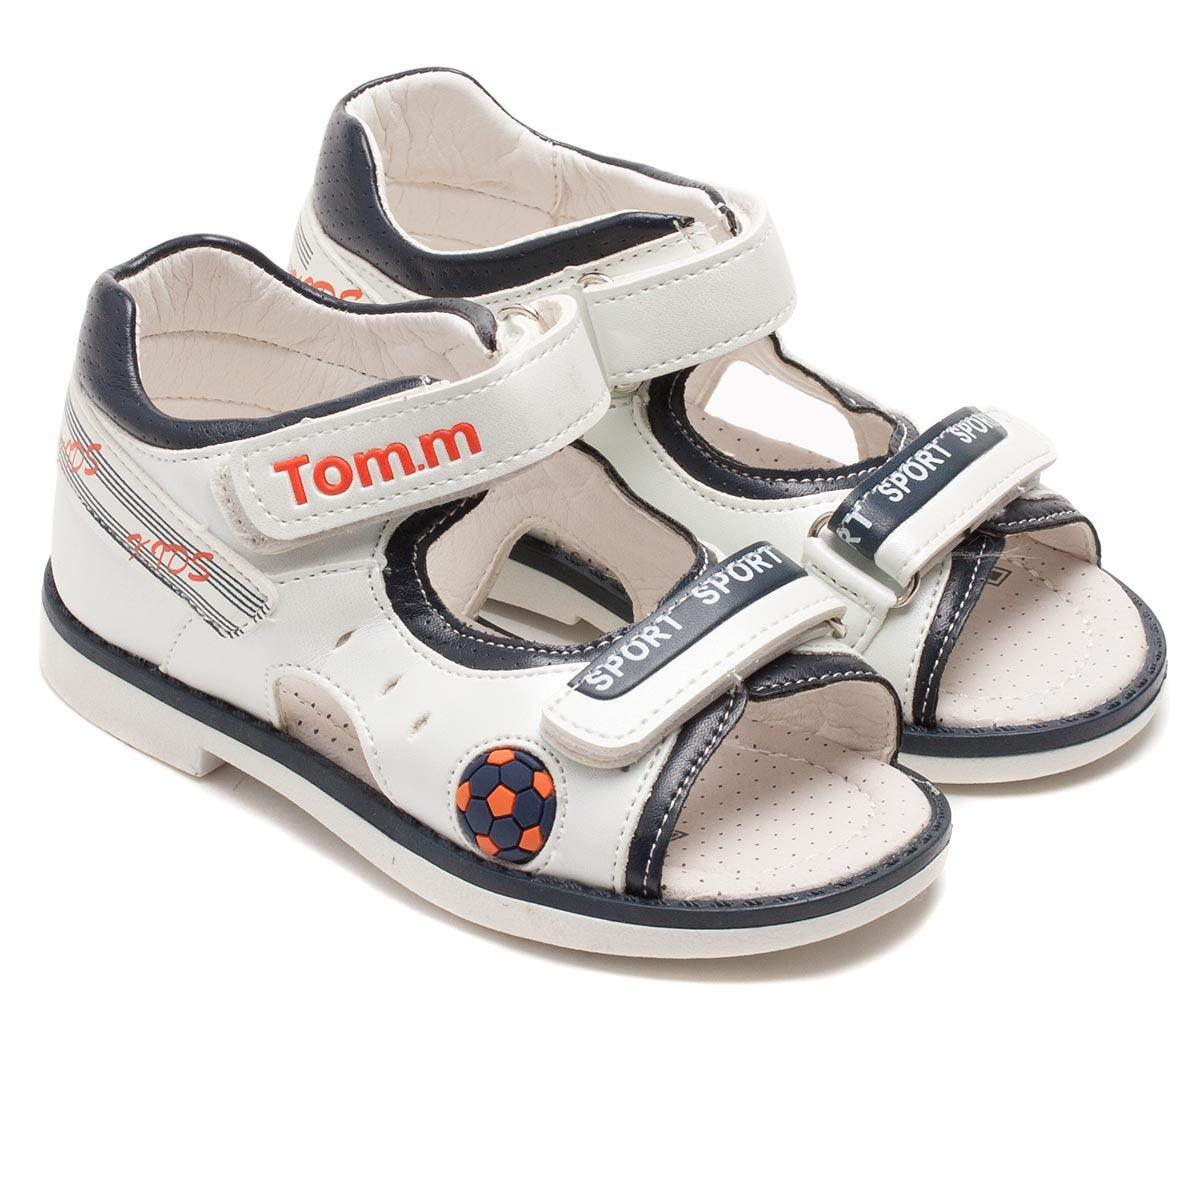 Белые босоножки Тоm.m для мальчика, размер 20-25